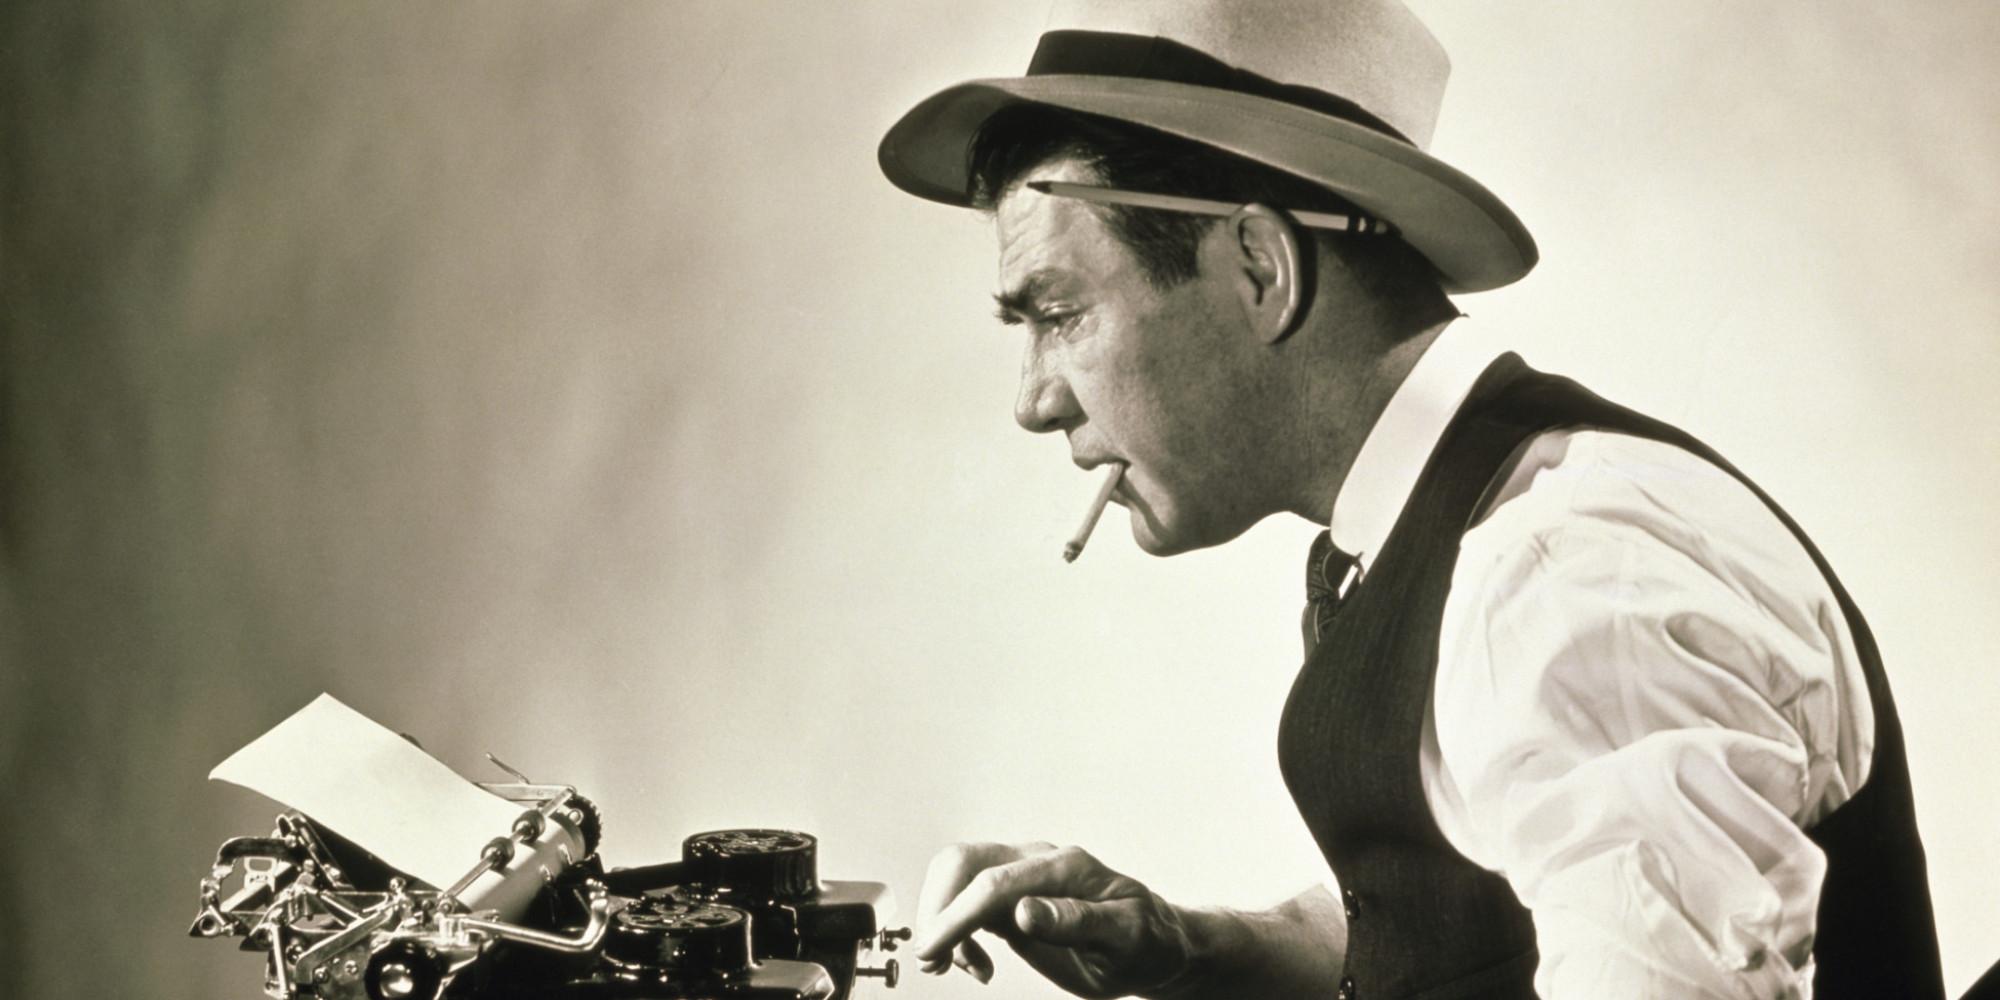 Študuješ a máš čo povedať? Píšeš a nevieš nájsť čitateľov? Chceš získať prax v online médiu? Hľadáme posily!